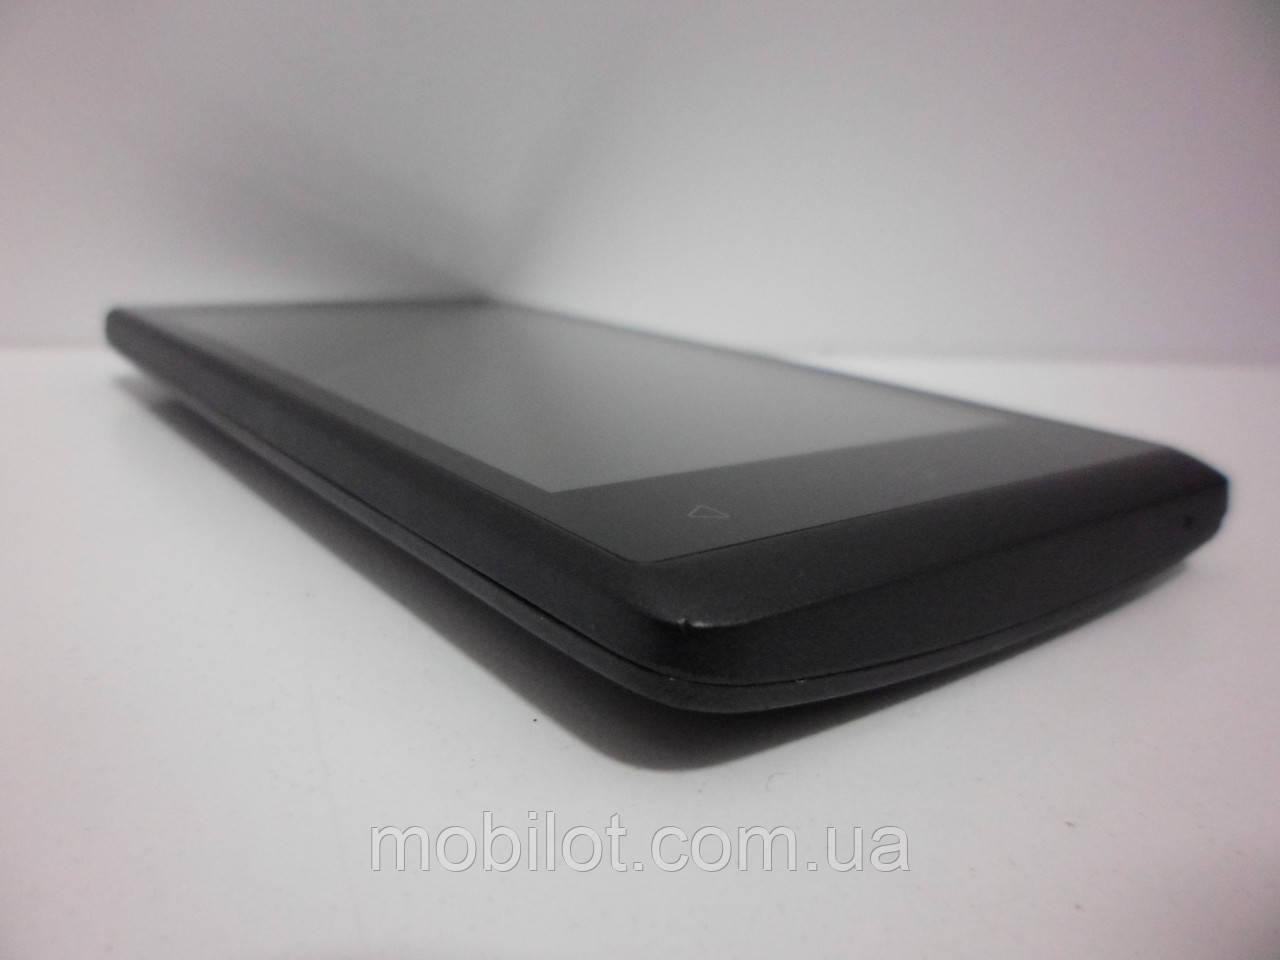 Мобильный телефон Prestigio Wize OK3 PSP3468 (TZ-7473) 5